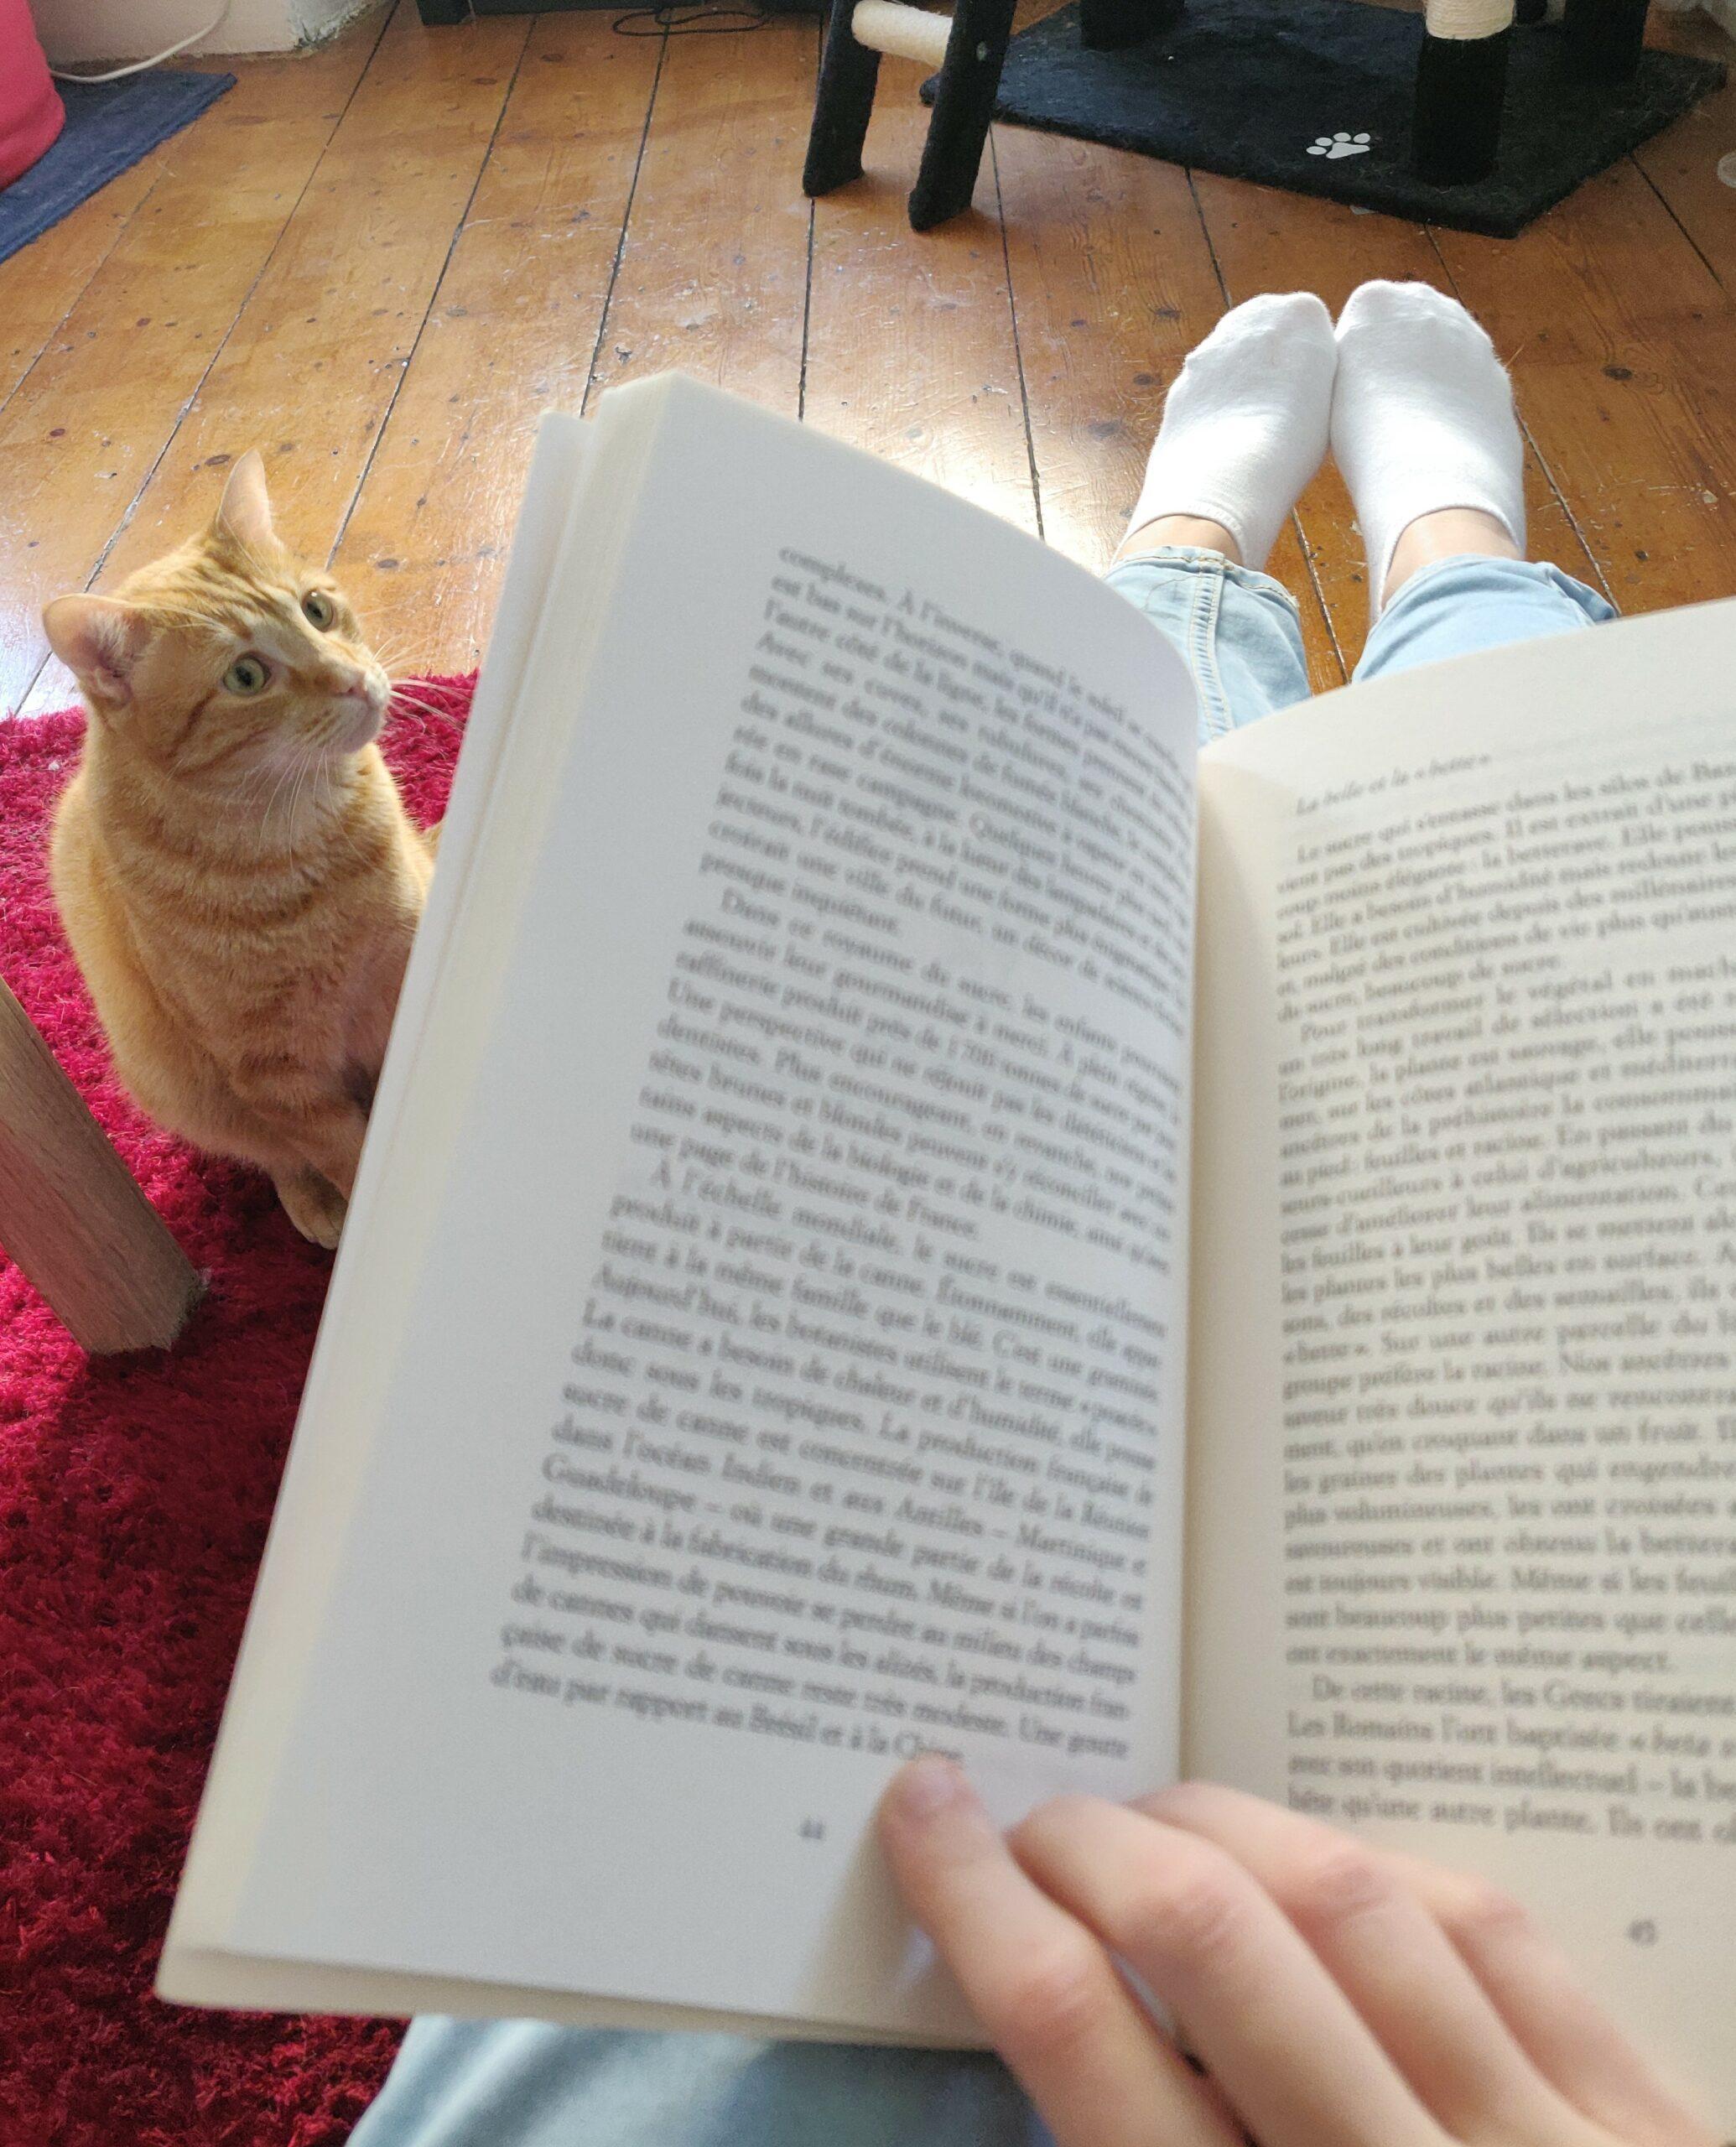 Au premier plan, un livre et une main qui le tient ouvert. Au second plan, un chat roux sur un tapis rouge. Ce petit chat à un air intrigué. A l'arrière plan on distingue aussi une partie d'arbre à chat, noir.